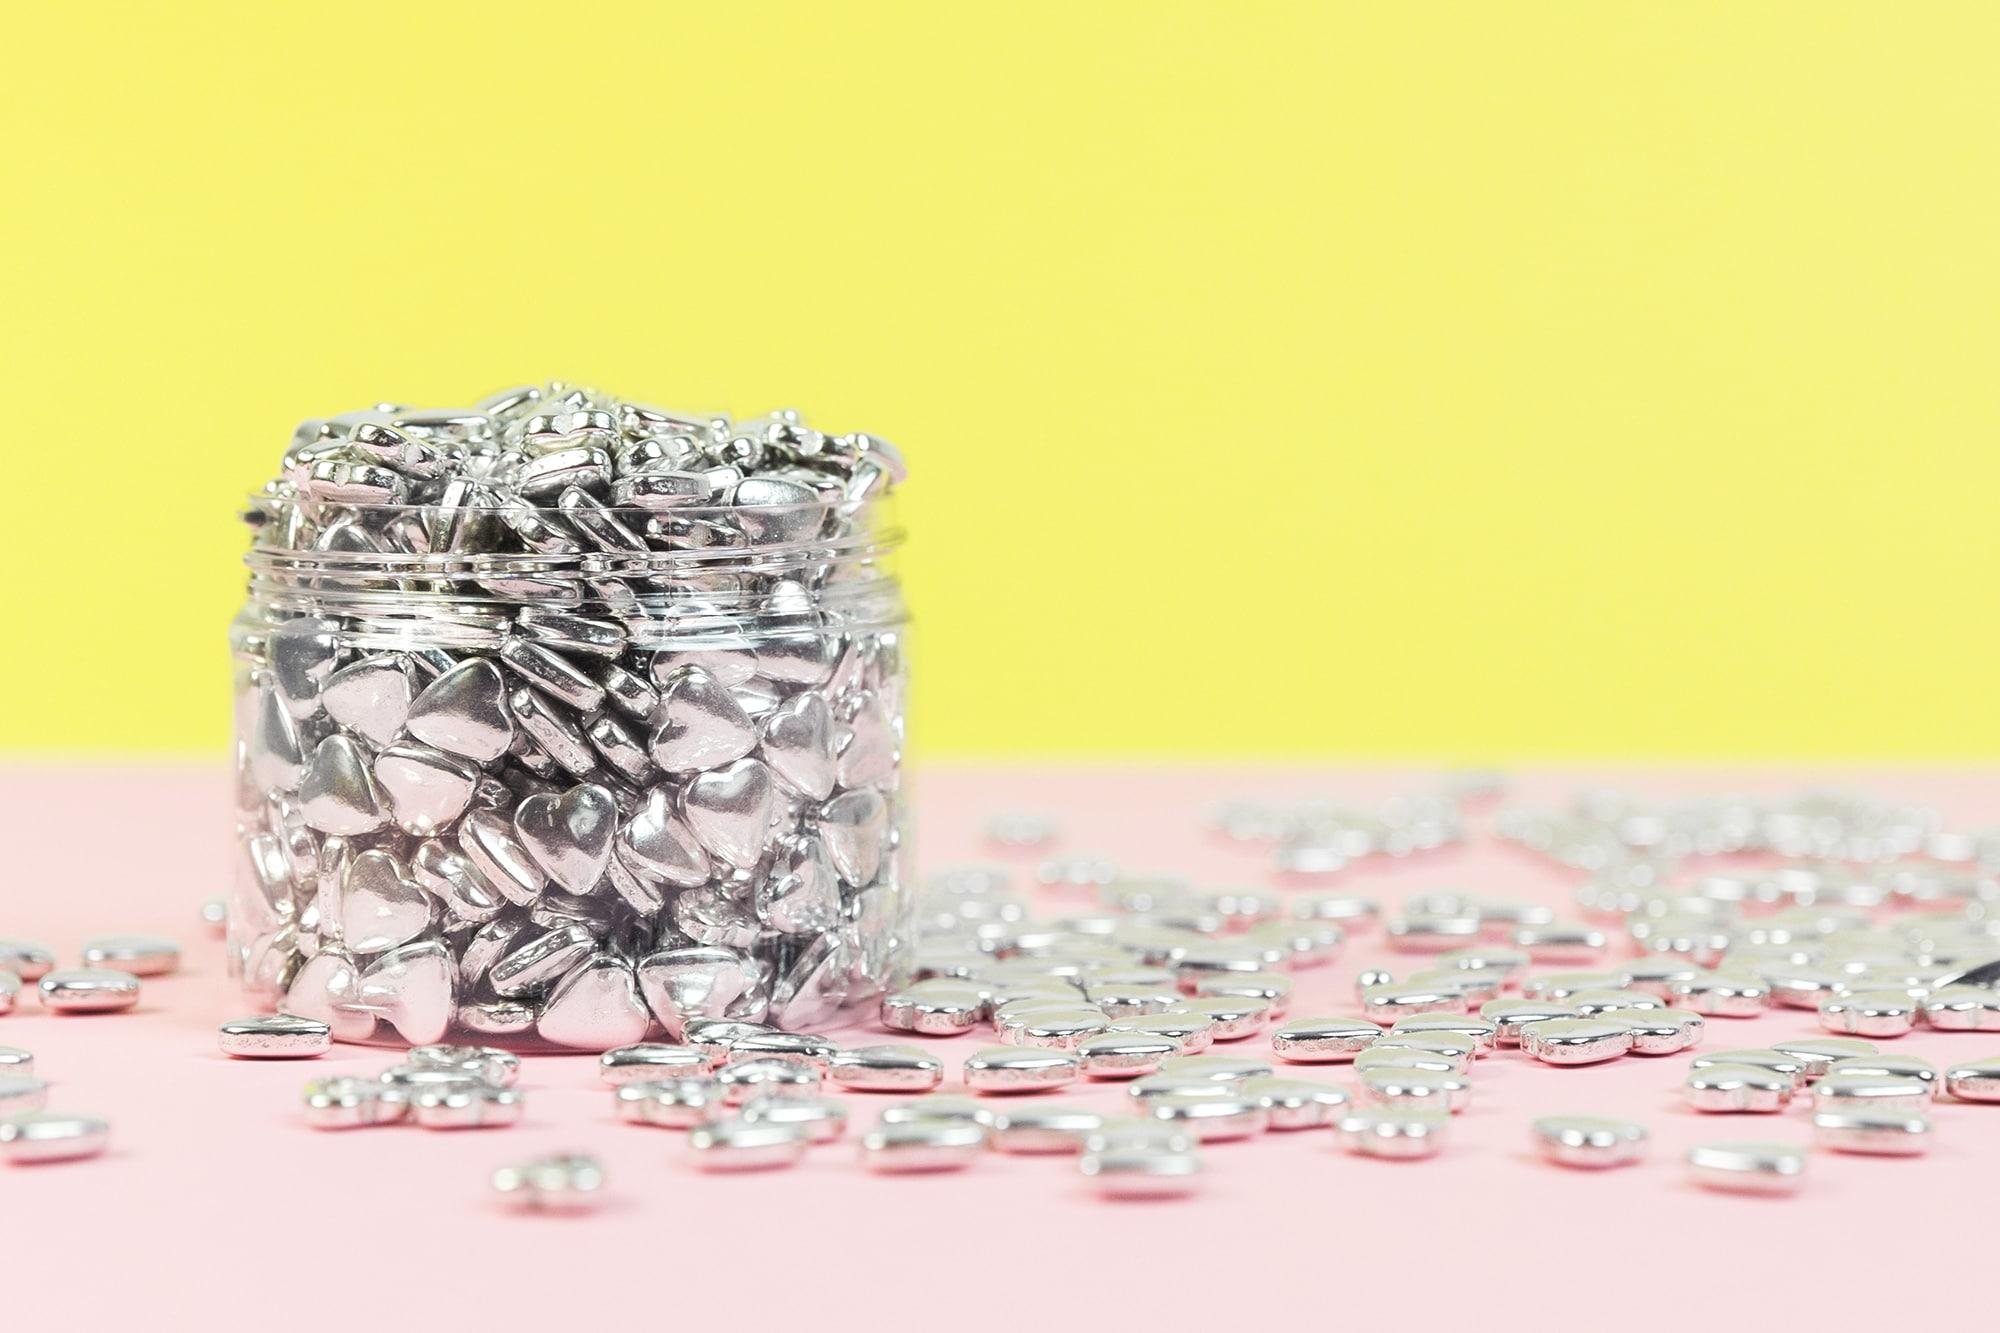 lieblingsstreusel-metallic-herzen-zuckerstreusel